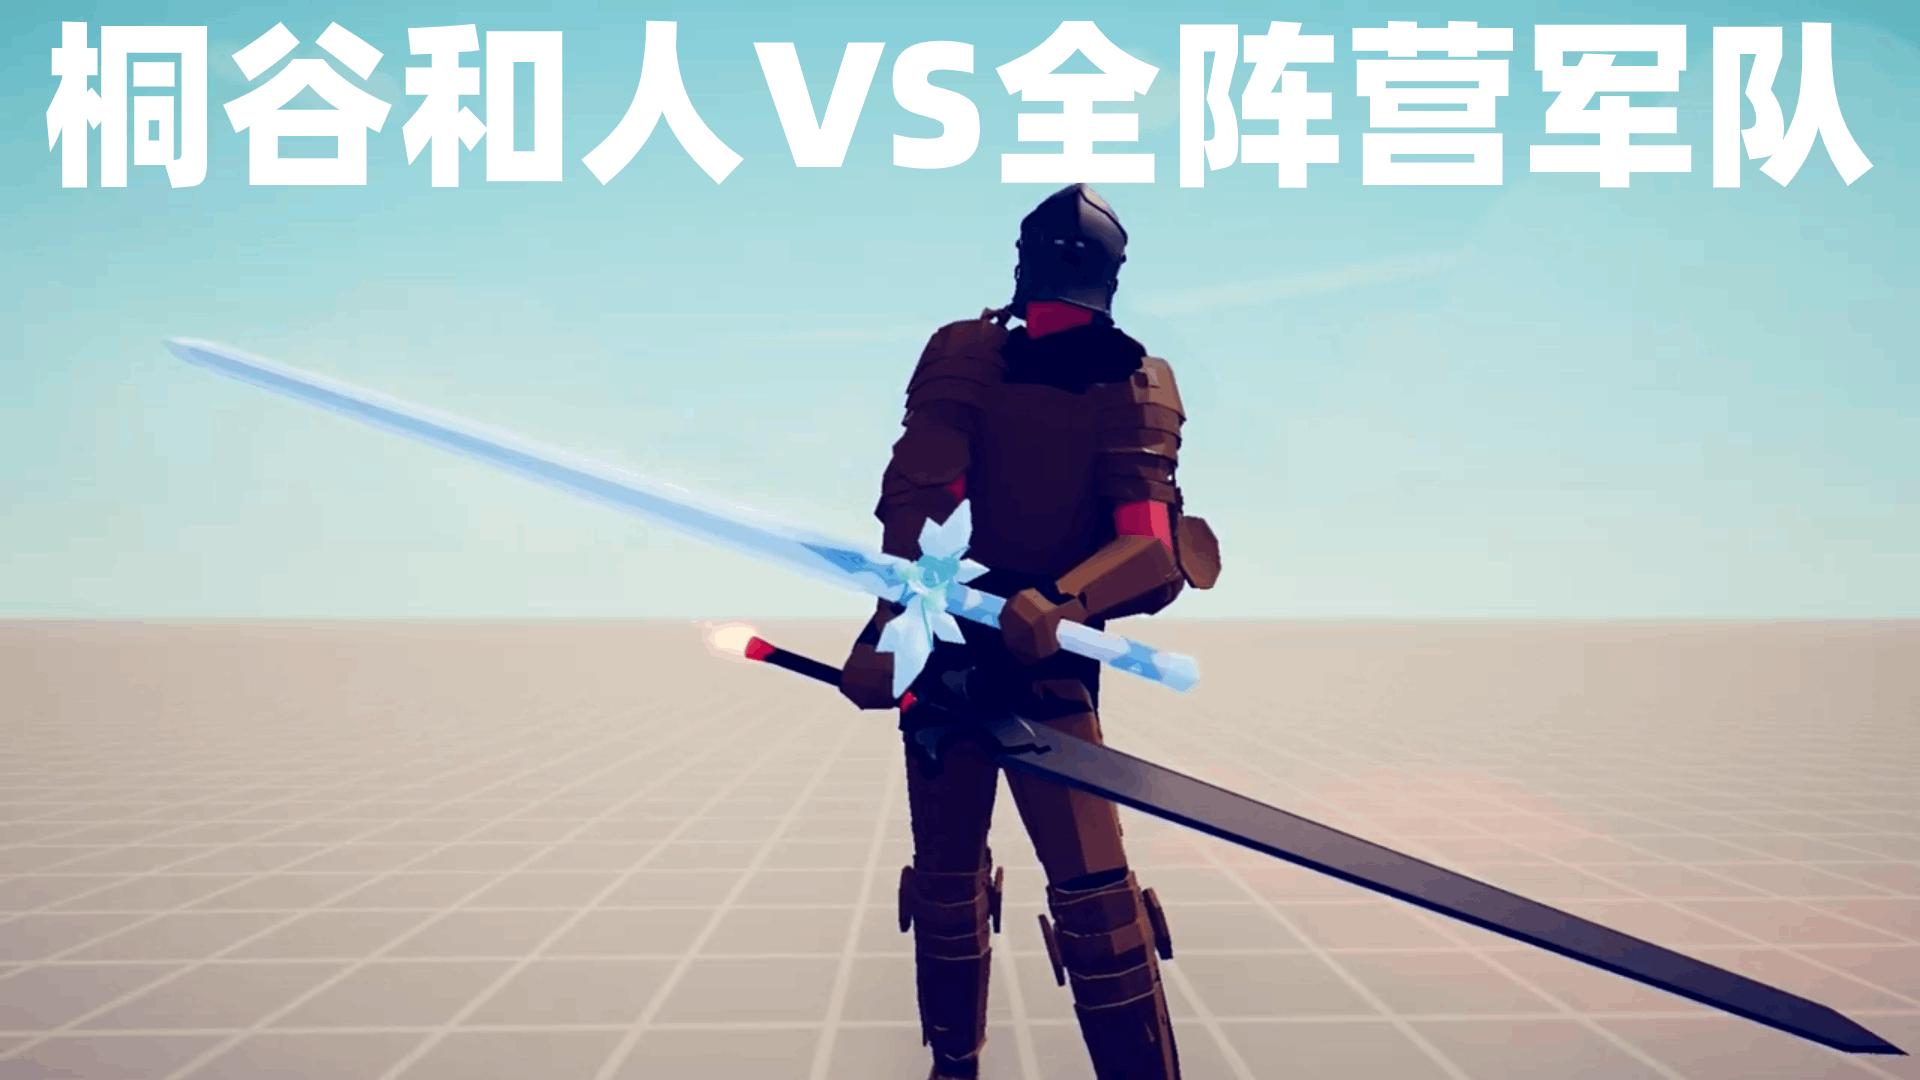 《全面战争模拟器》传奇兵种:桐谷和人VS全阵营军队!